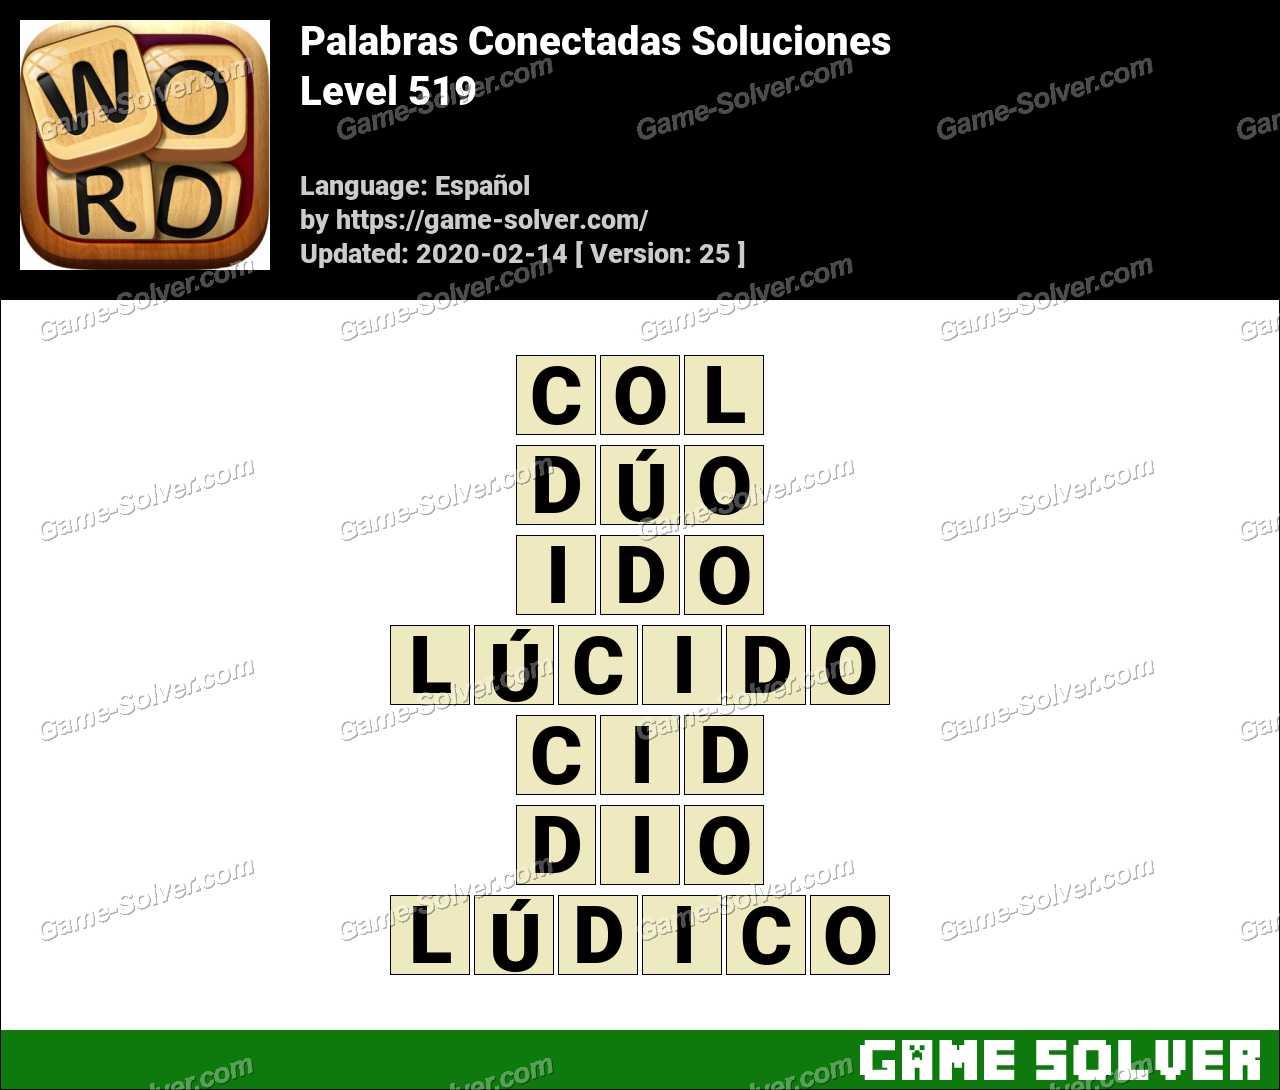 Palabras Conectadas Nivel 519 Soluciones